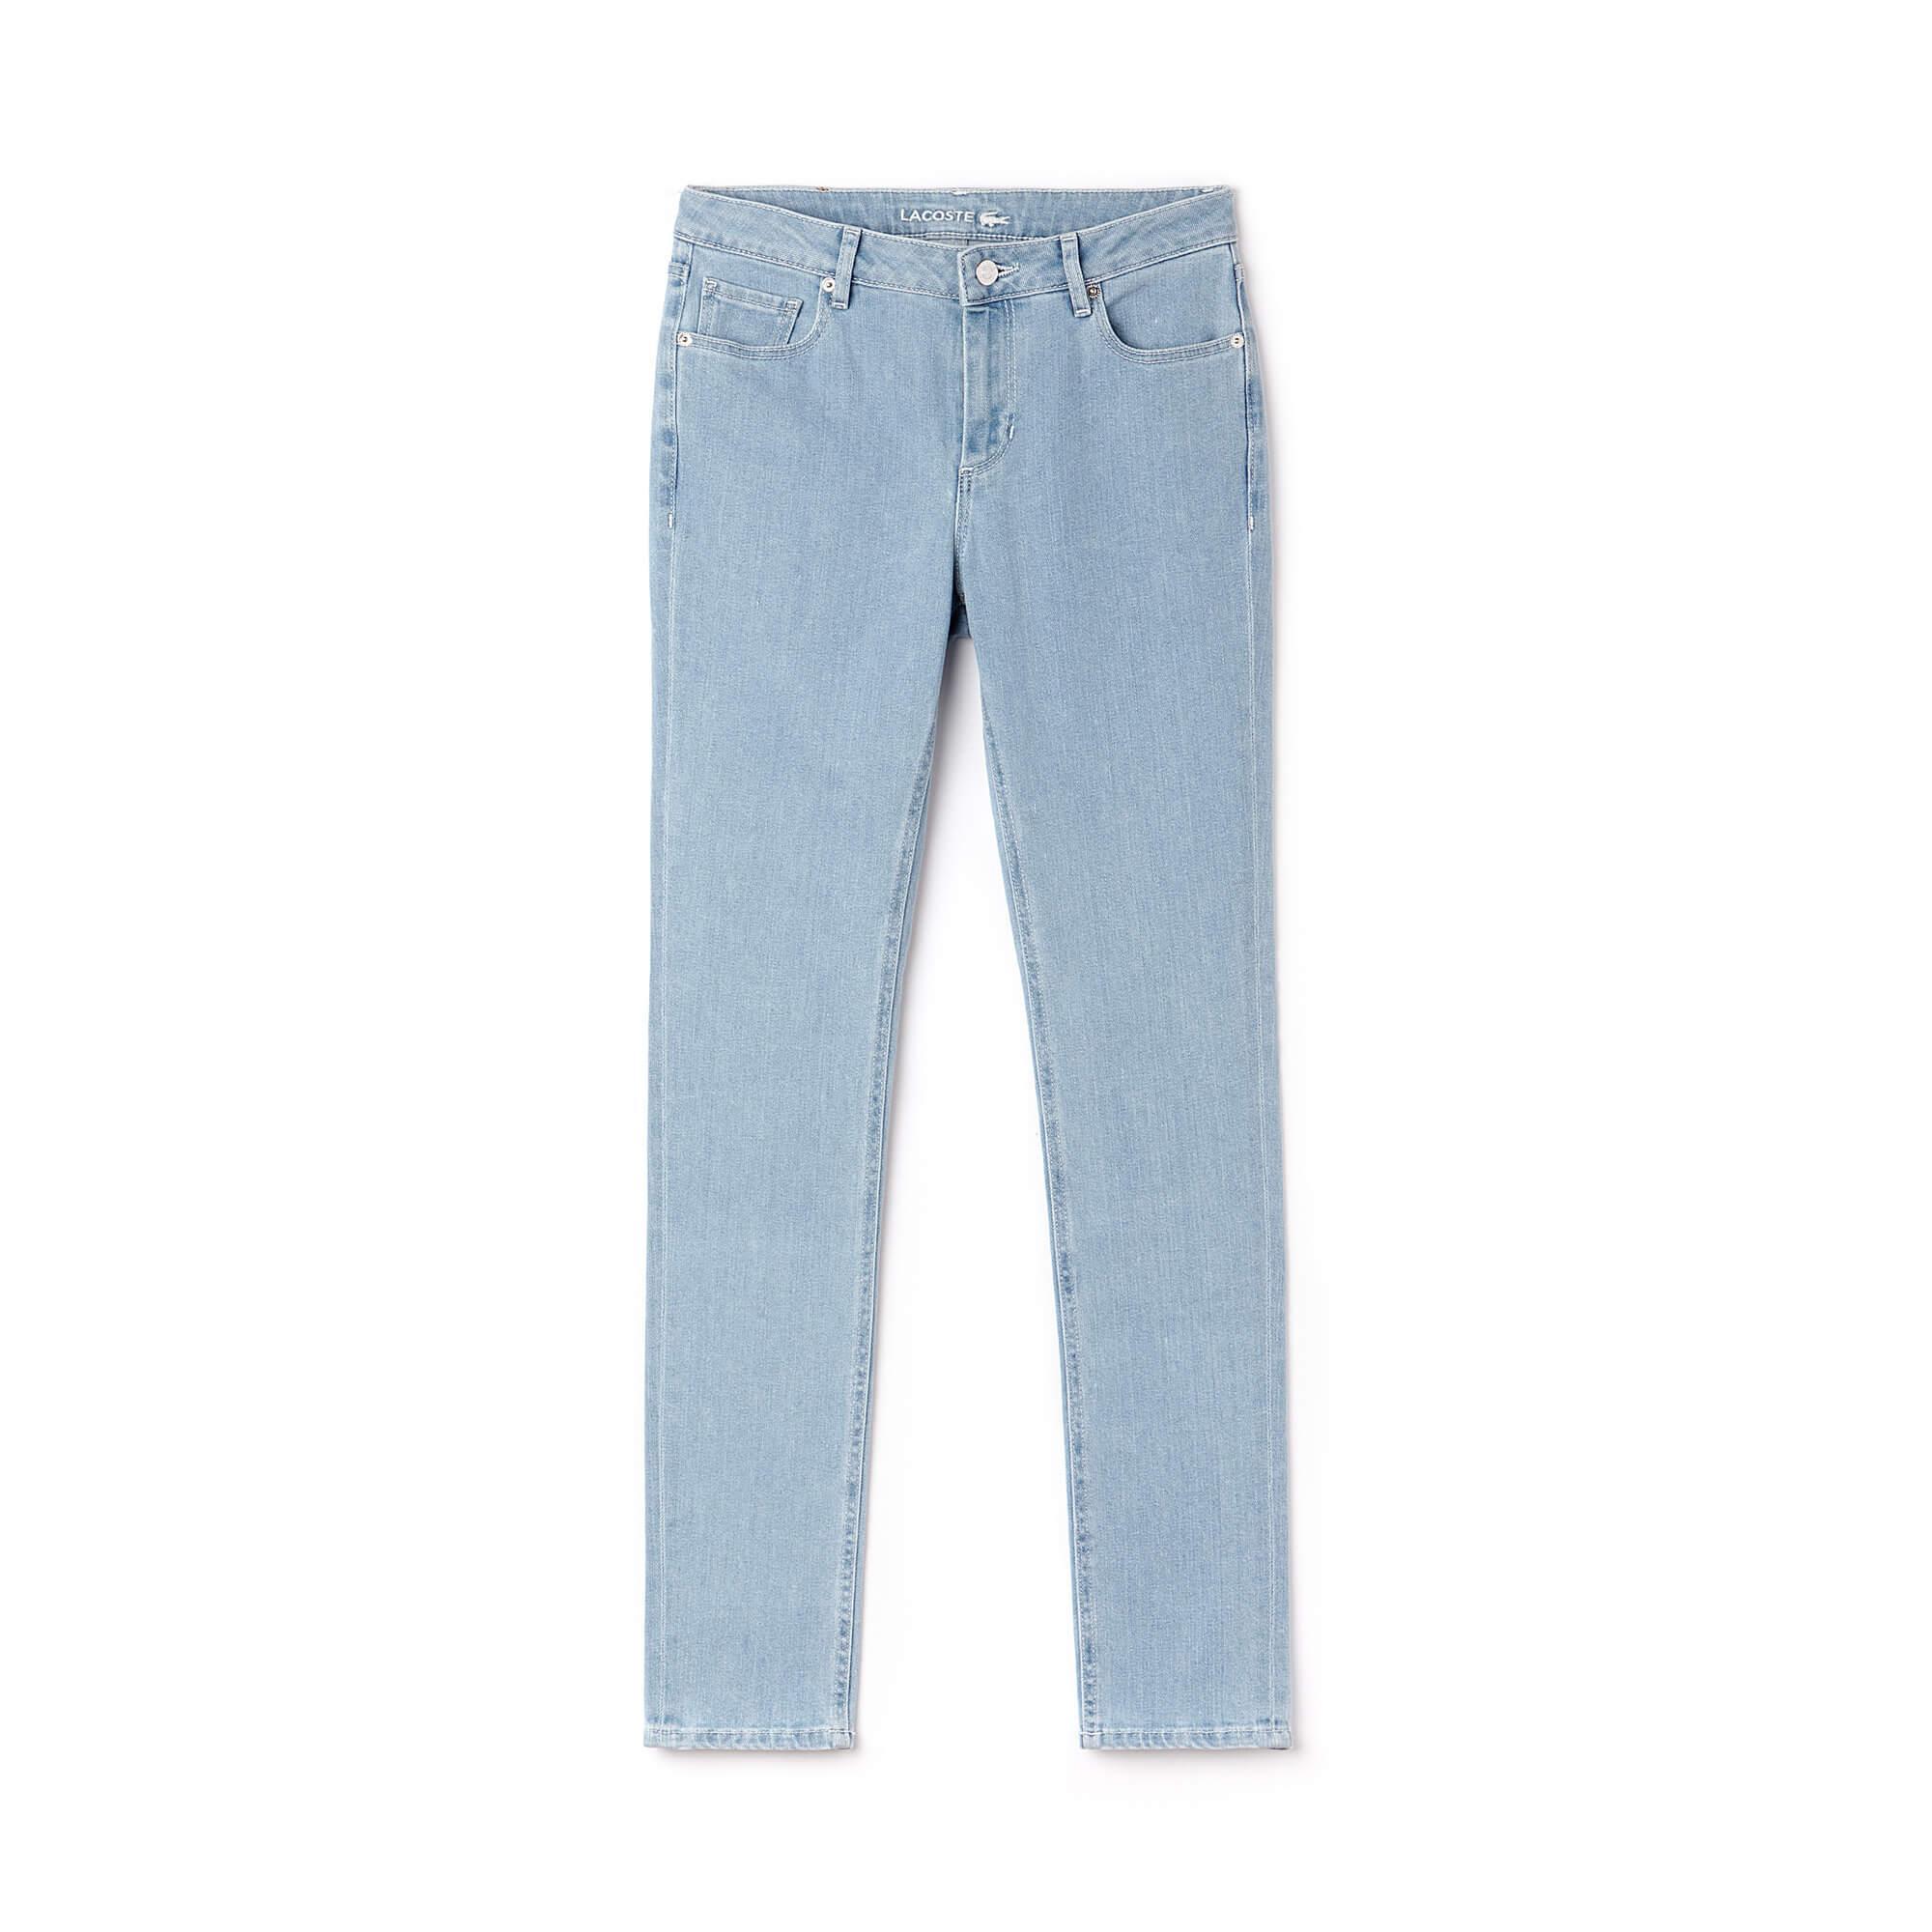 Lacoste Kadın Denim Pantolon